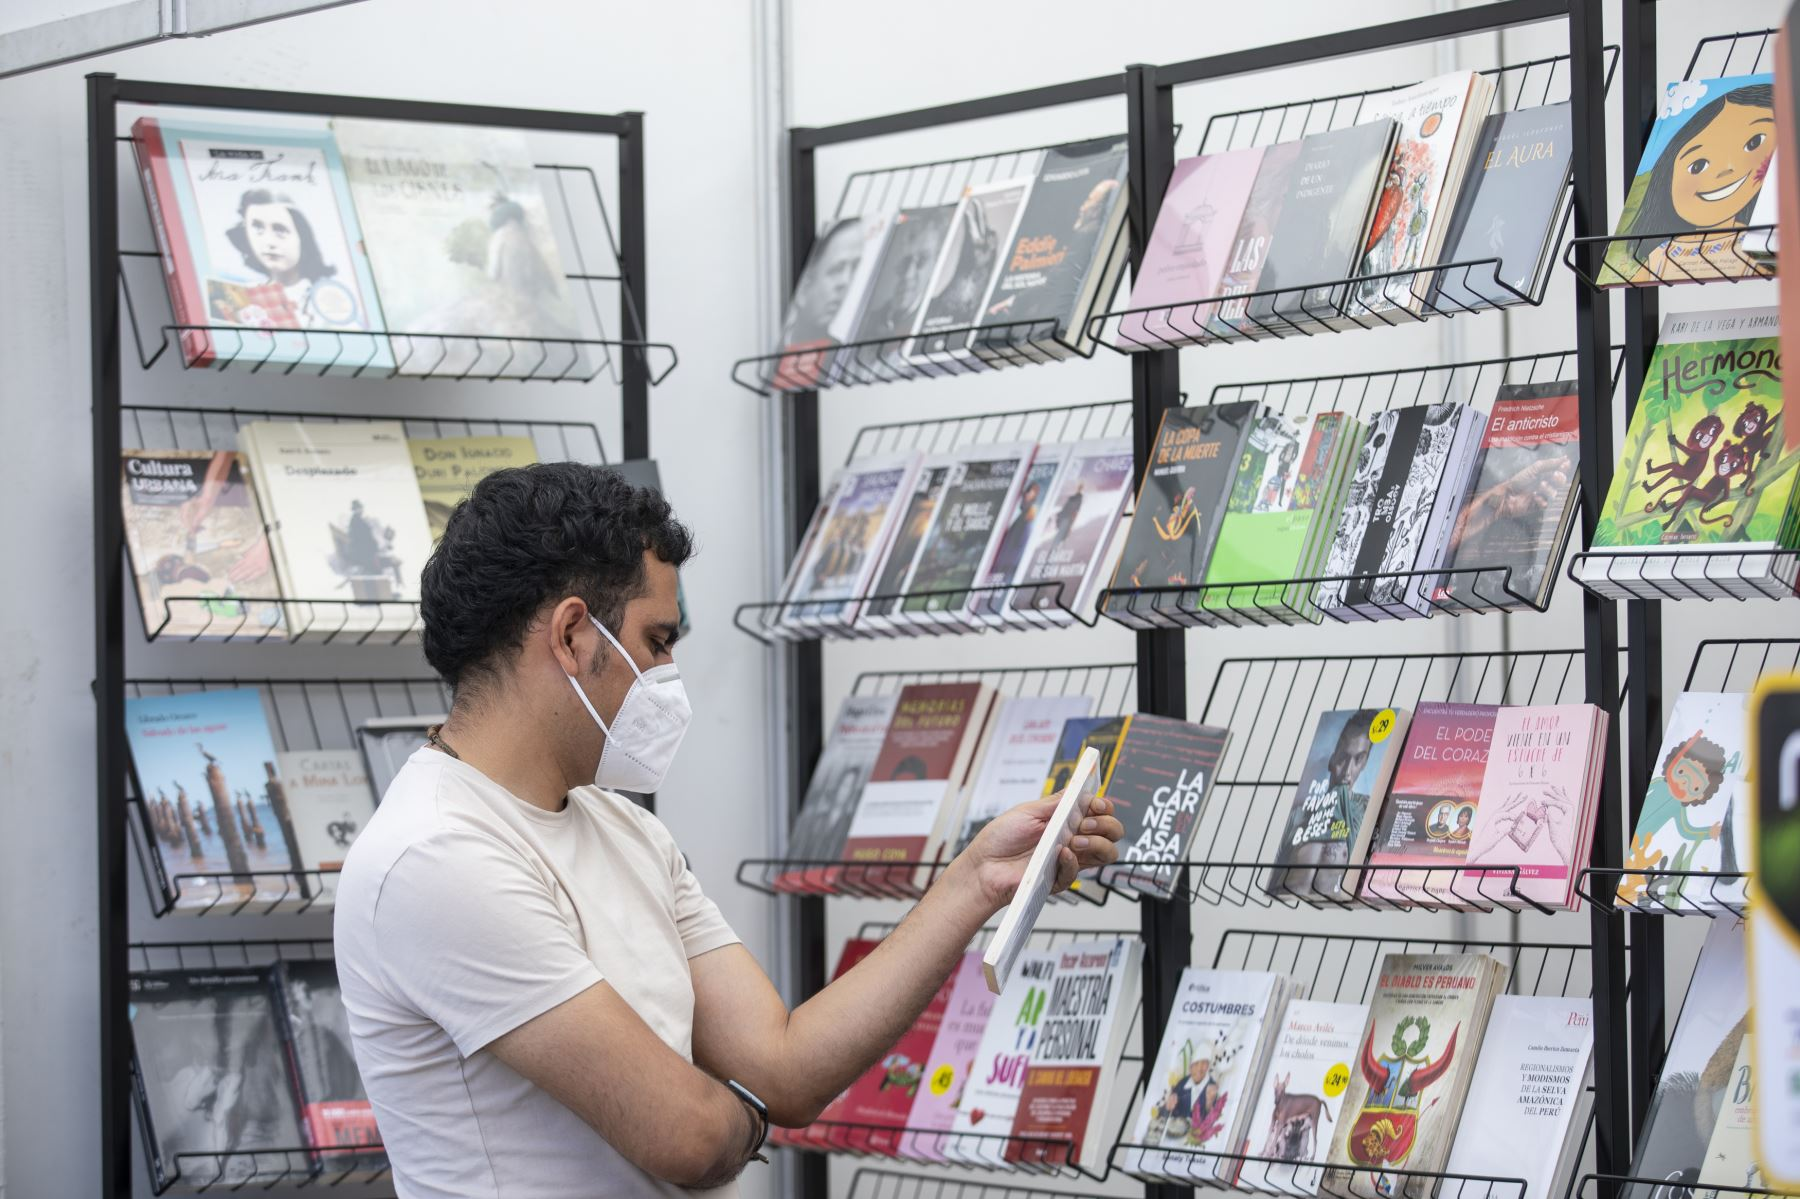 La Feria Itinerante del Libro 2021 continúa hasta el 31 de enero en el parque Juana Alarco de Dammert, en el Cercado de Lima. El evento cuenta con todos los protocolos de seguridad para evitar la propagación del covid-19. Foto: MML